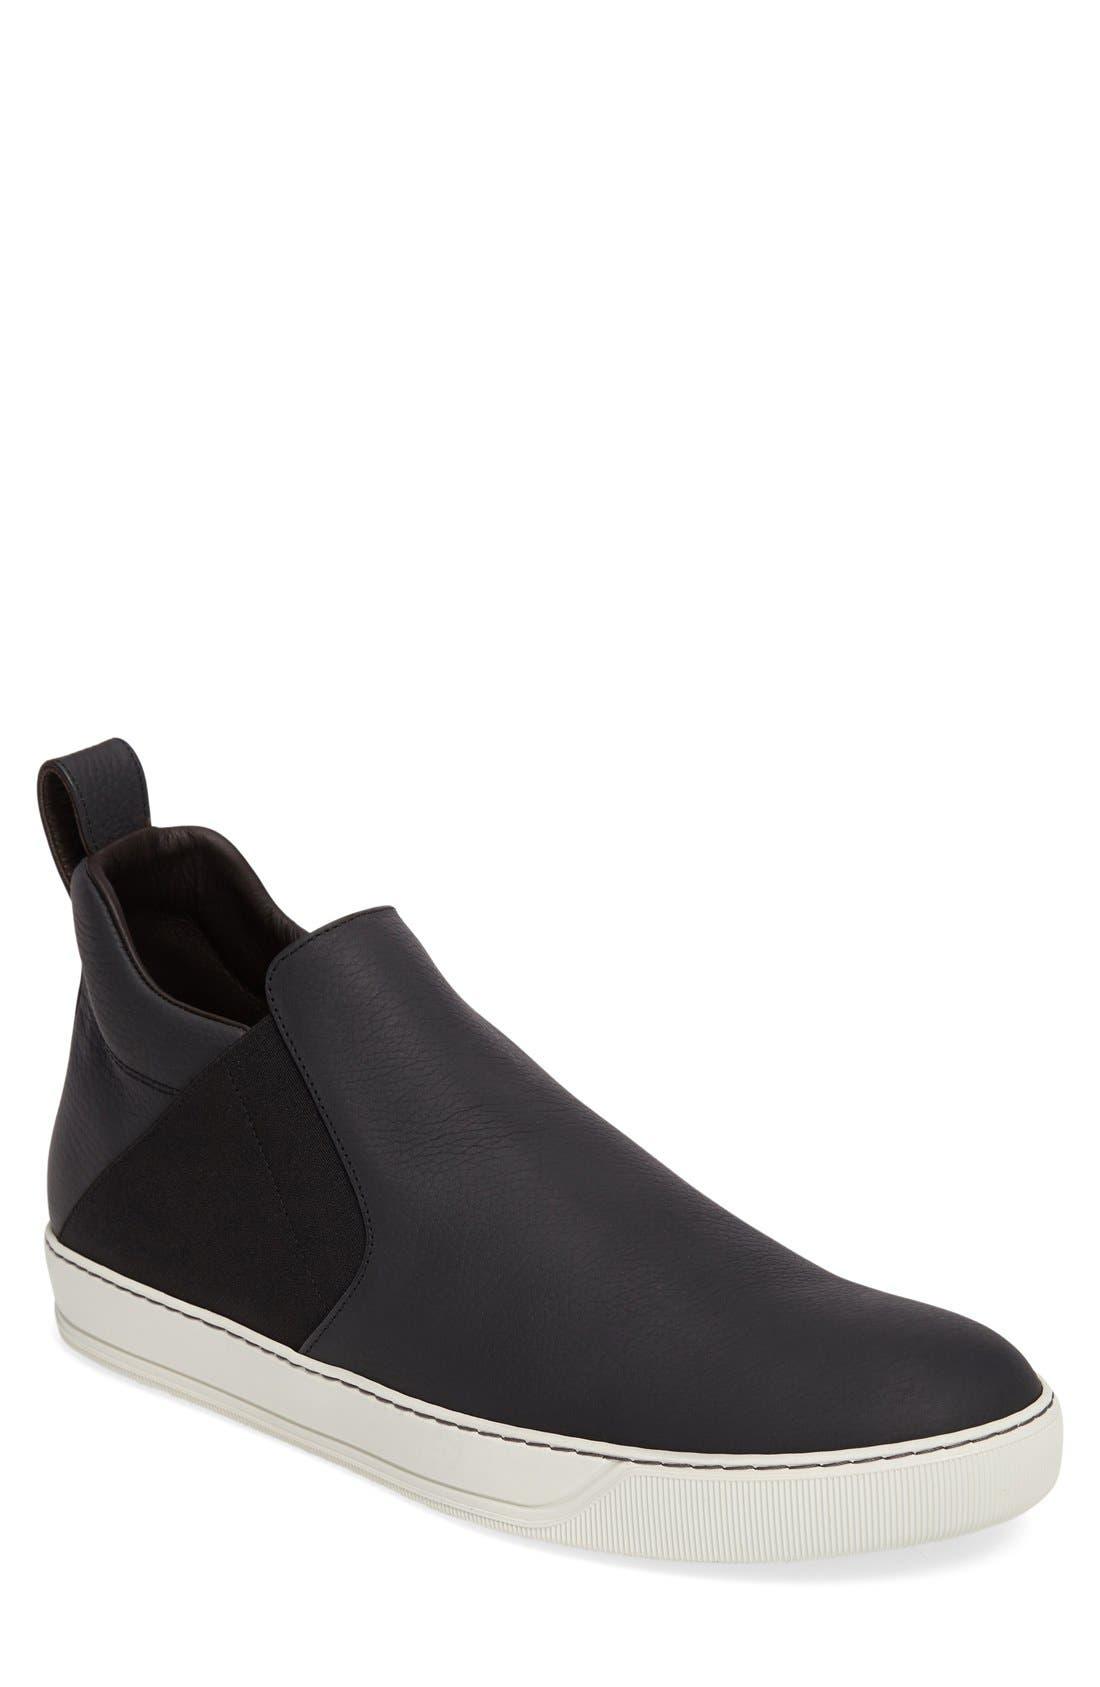 Alternate Image 1 Selected - Lanvin Mid Slip-On Sneaker (Men)